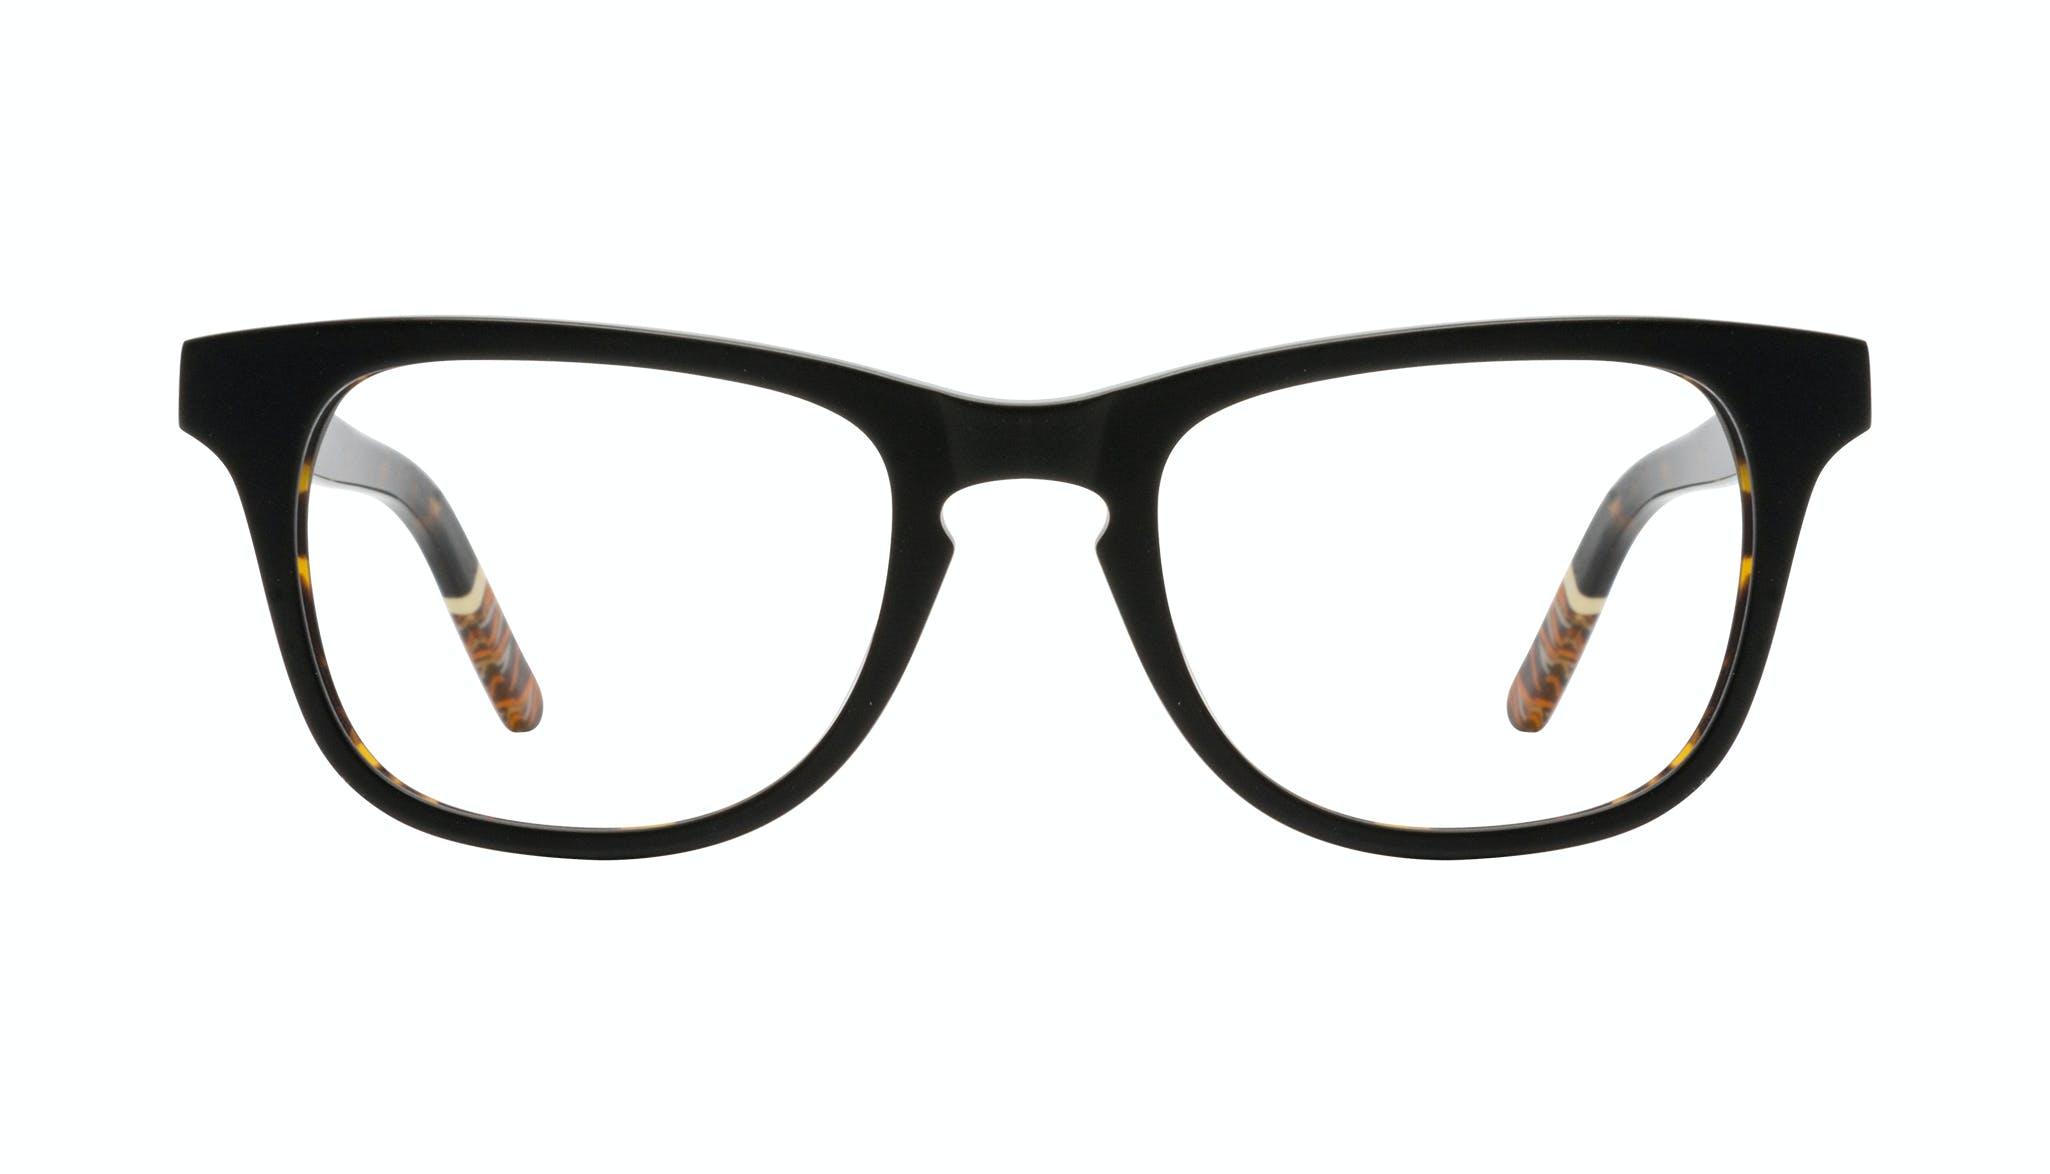 Affordable Fashion Glasses Rectangle Eyeglasses Men Trust Black Tort Front